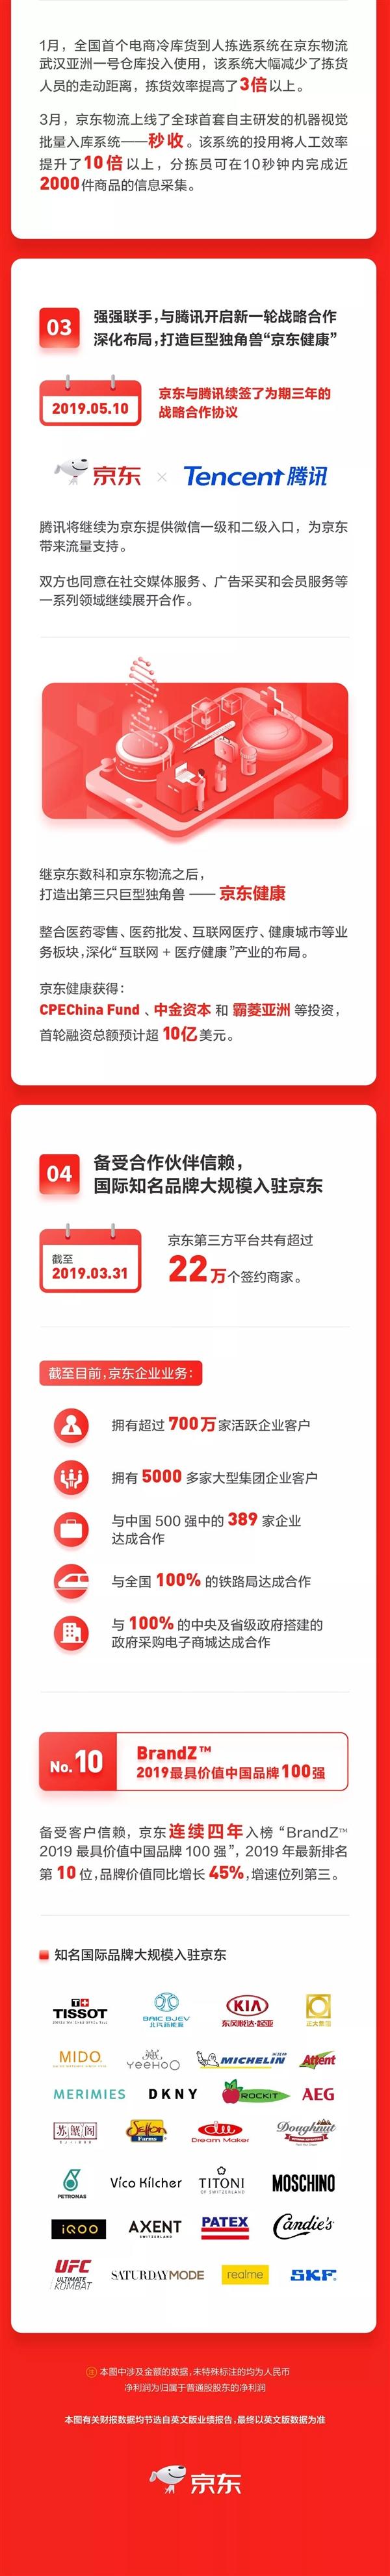 京东第一季度财报:净利润73亿元 同比大涨386.7%